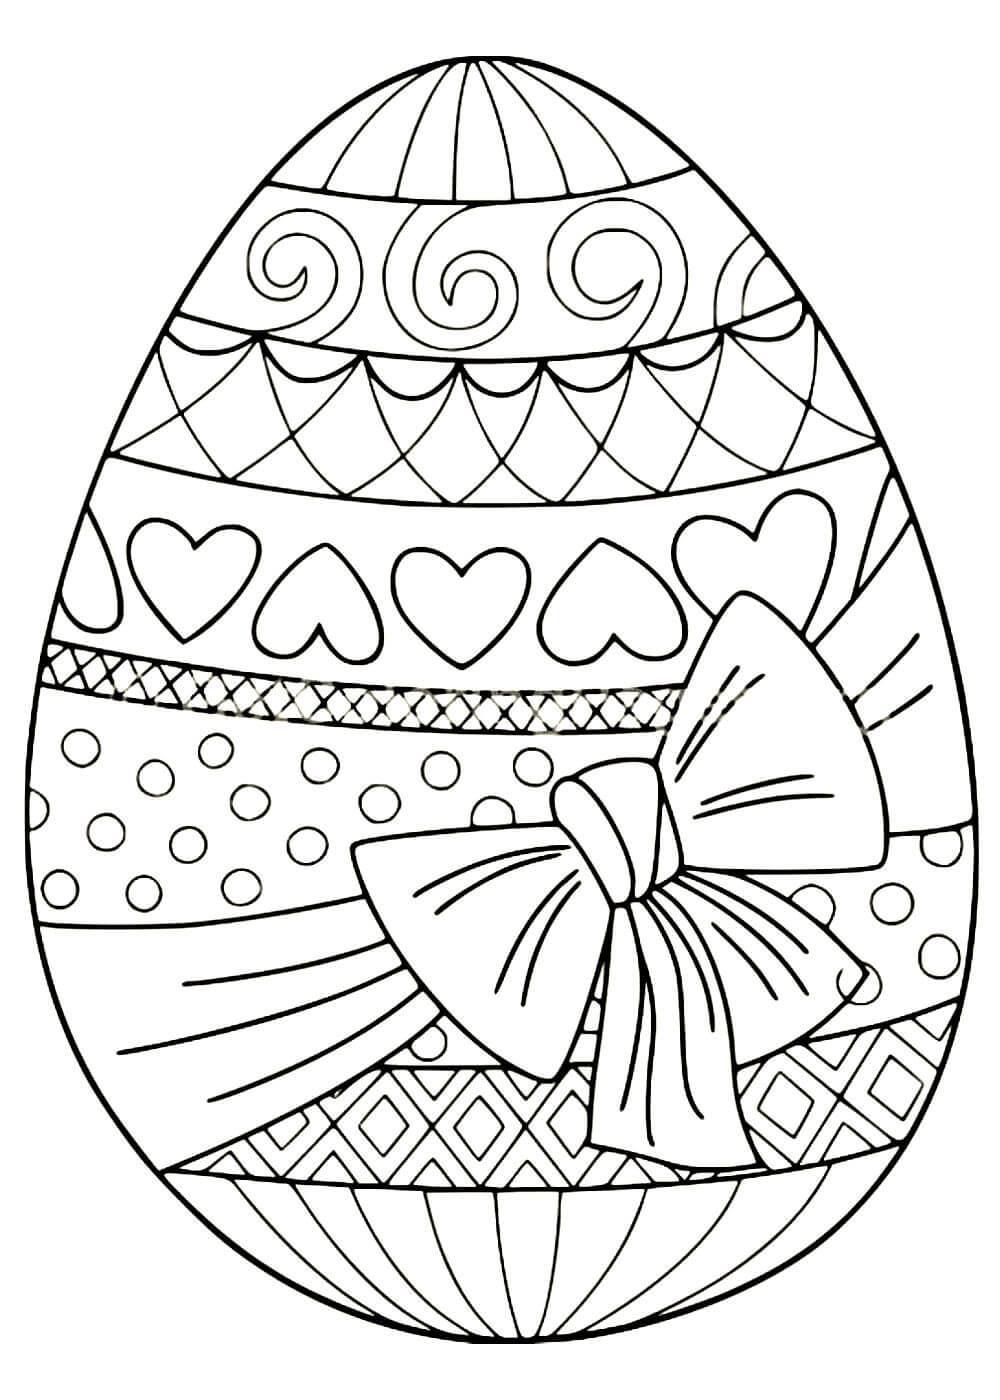 Раскраски Пасхальных яиц распечатать или скачать бесплатно ...